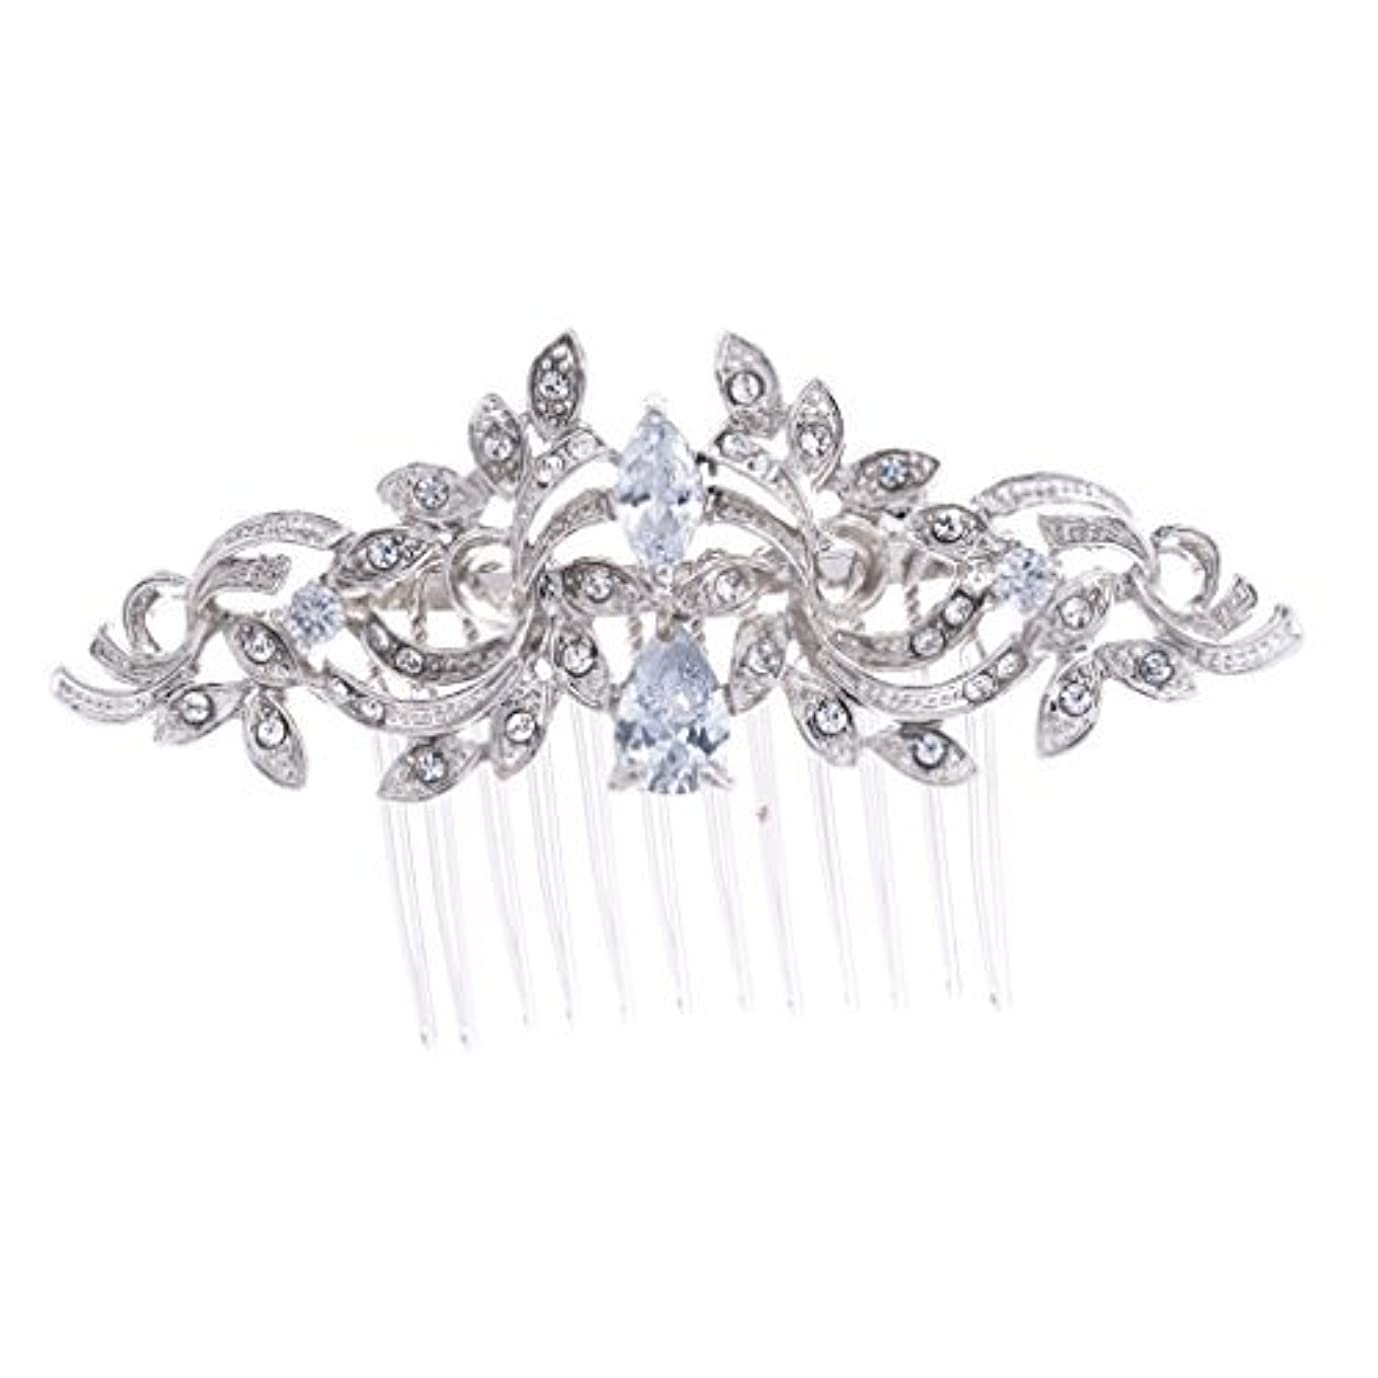 引き付ける従事したビュッフェSEPBRIDALS Crystal Rhinestone Leaves Hair Comb Hair Pins Bridal Wedding Hair Accessories Jewelry 4012R [並行輸入品]